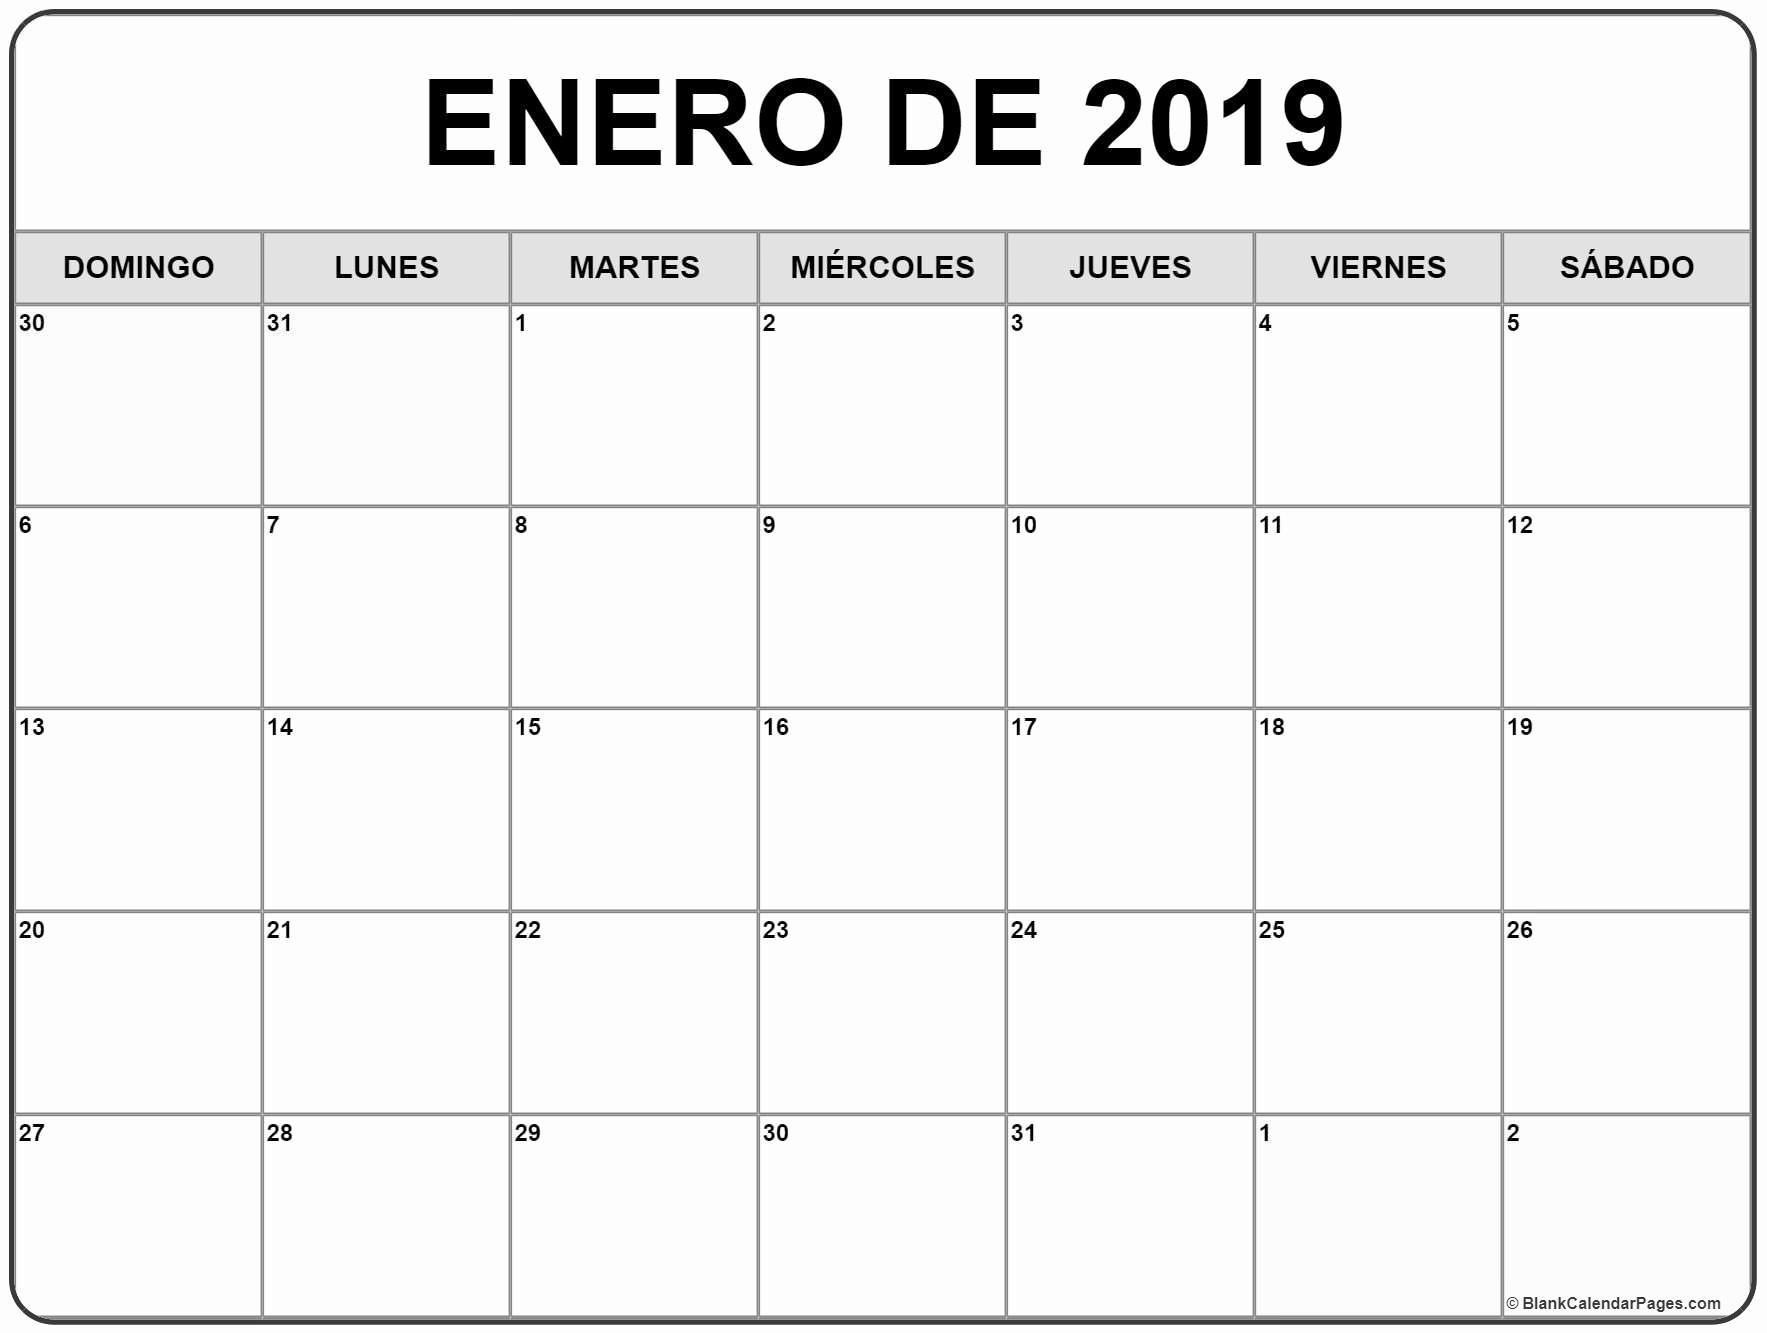 Calendario Octubre 2017 A Febrero 2018 Más Recientes Calendario Dr 2019 Calendario 2019 Of Calendario Octubre 2017 A Febrero 2018 Más Populares Calendario Para Imprimir 2019 Enero Calendario Imprimir Enero